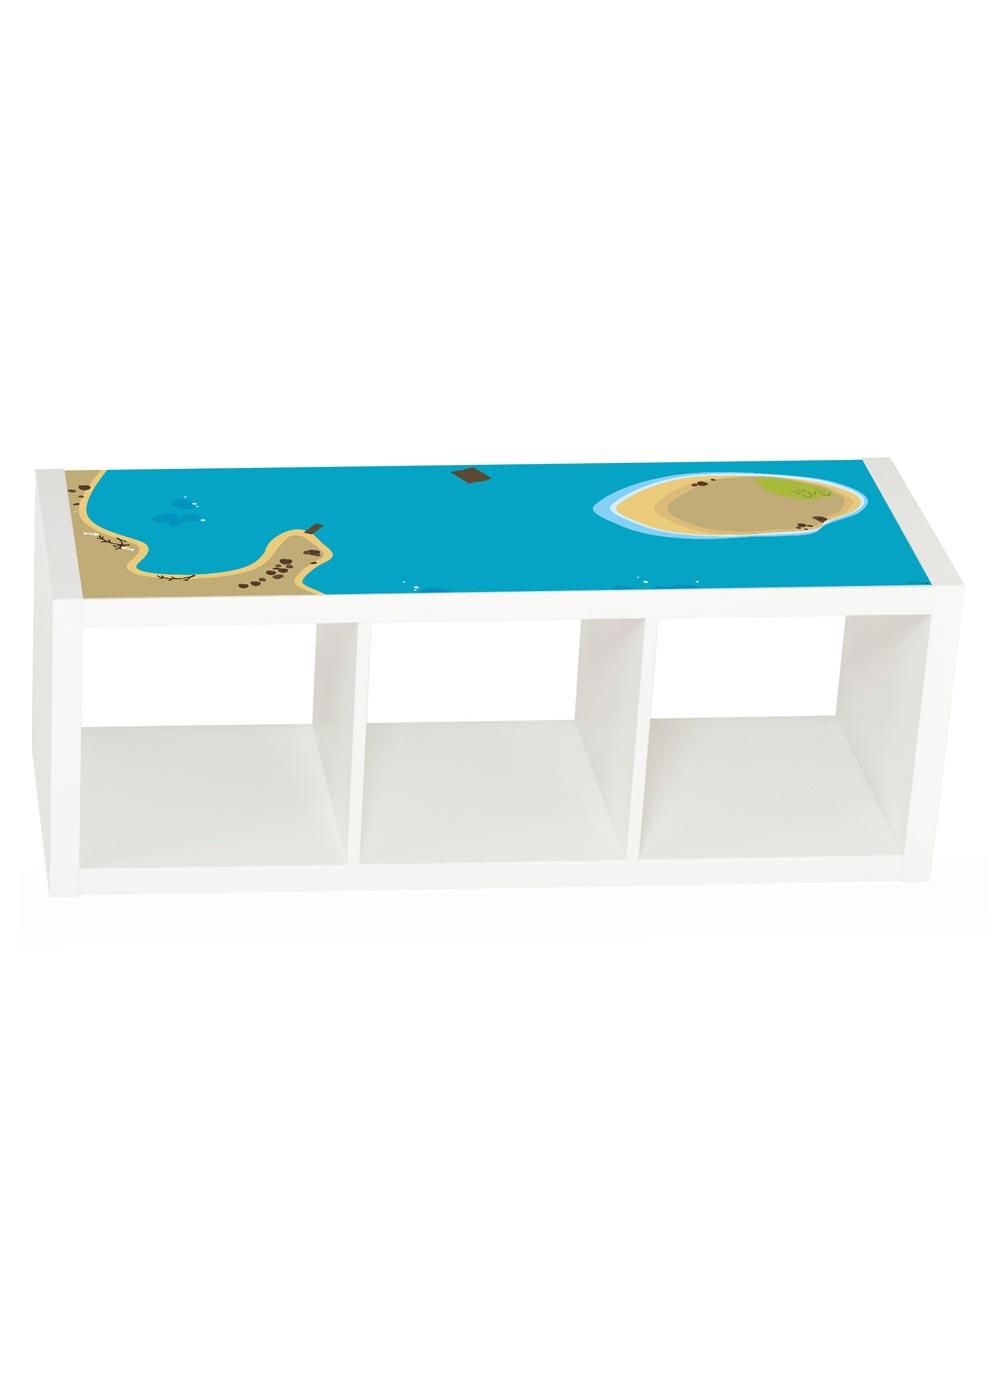 Ikea Kallax Regal Wasserreich 3fach Frontansicht